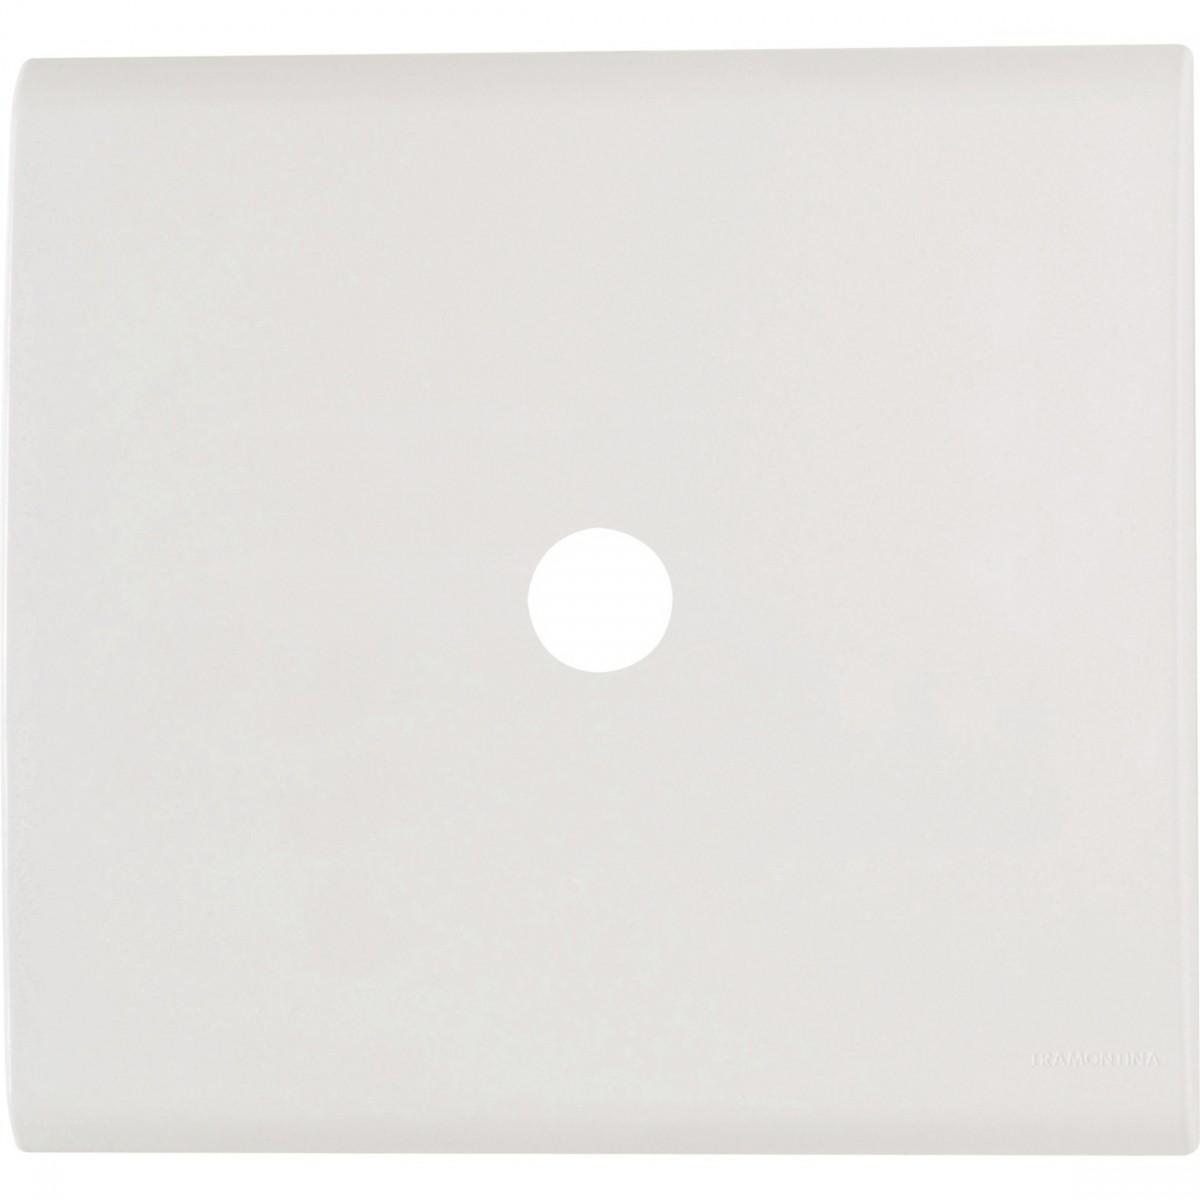 Elétrica Placa 4x4 Com Furo 9,5mm Tramontina Branca